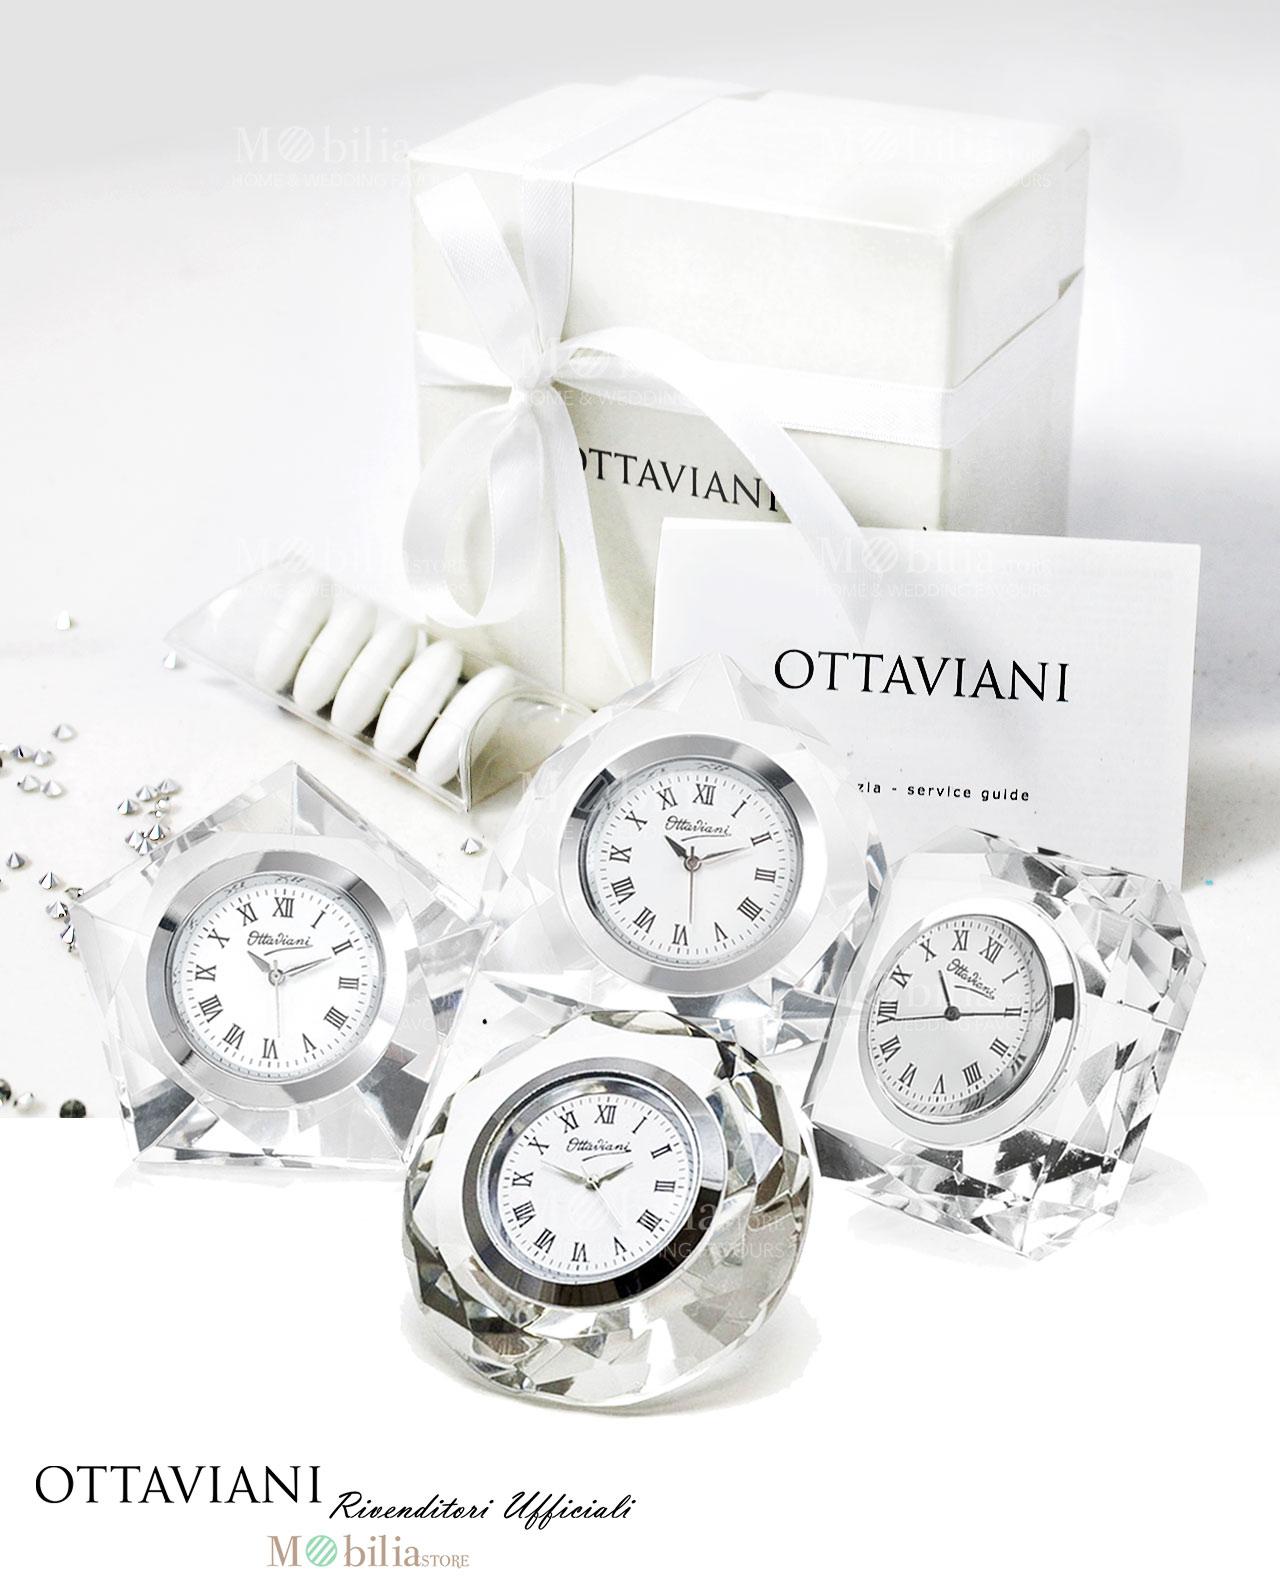 Orologio cristallo ottaviani bomboniere matrimonio for Mobilia home catalogo